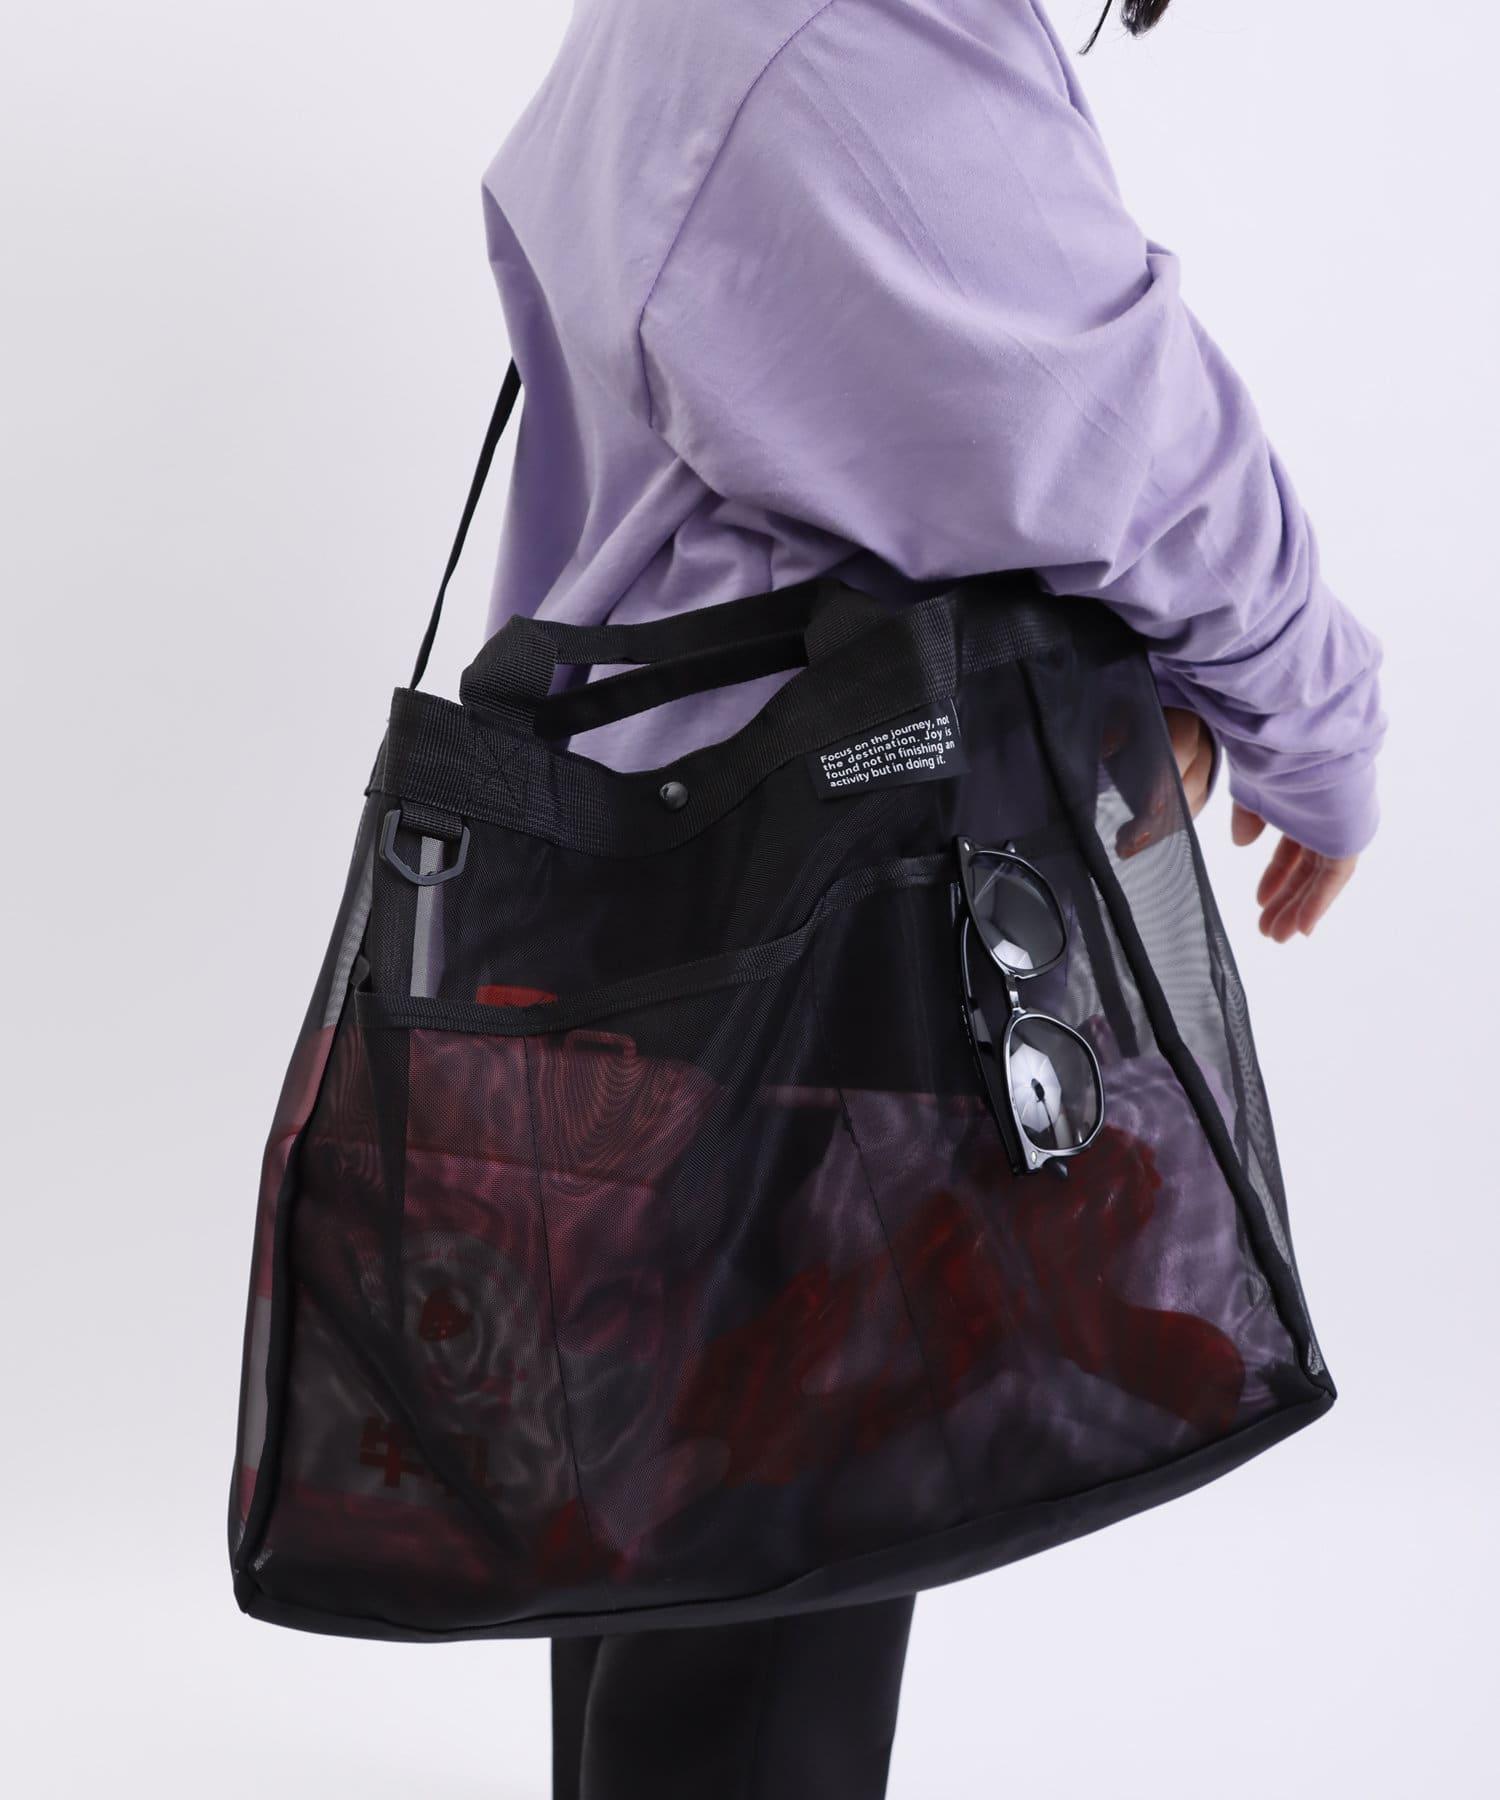 3COINS(スリーコインズ) ライフスタイル 【デザインが新しくなりました】大容量メッシュバッグ ブラック